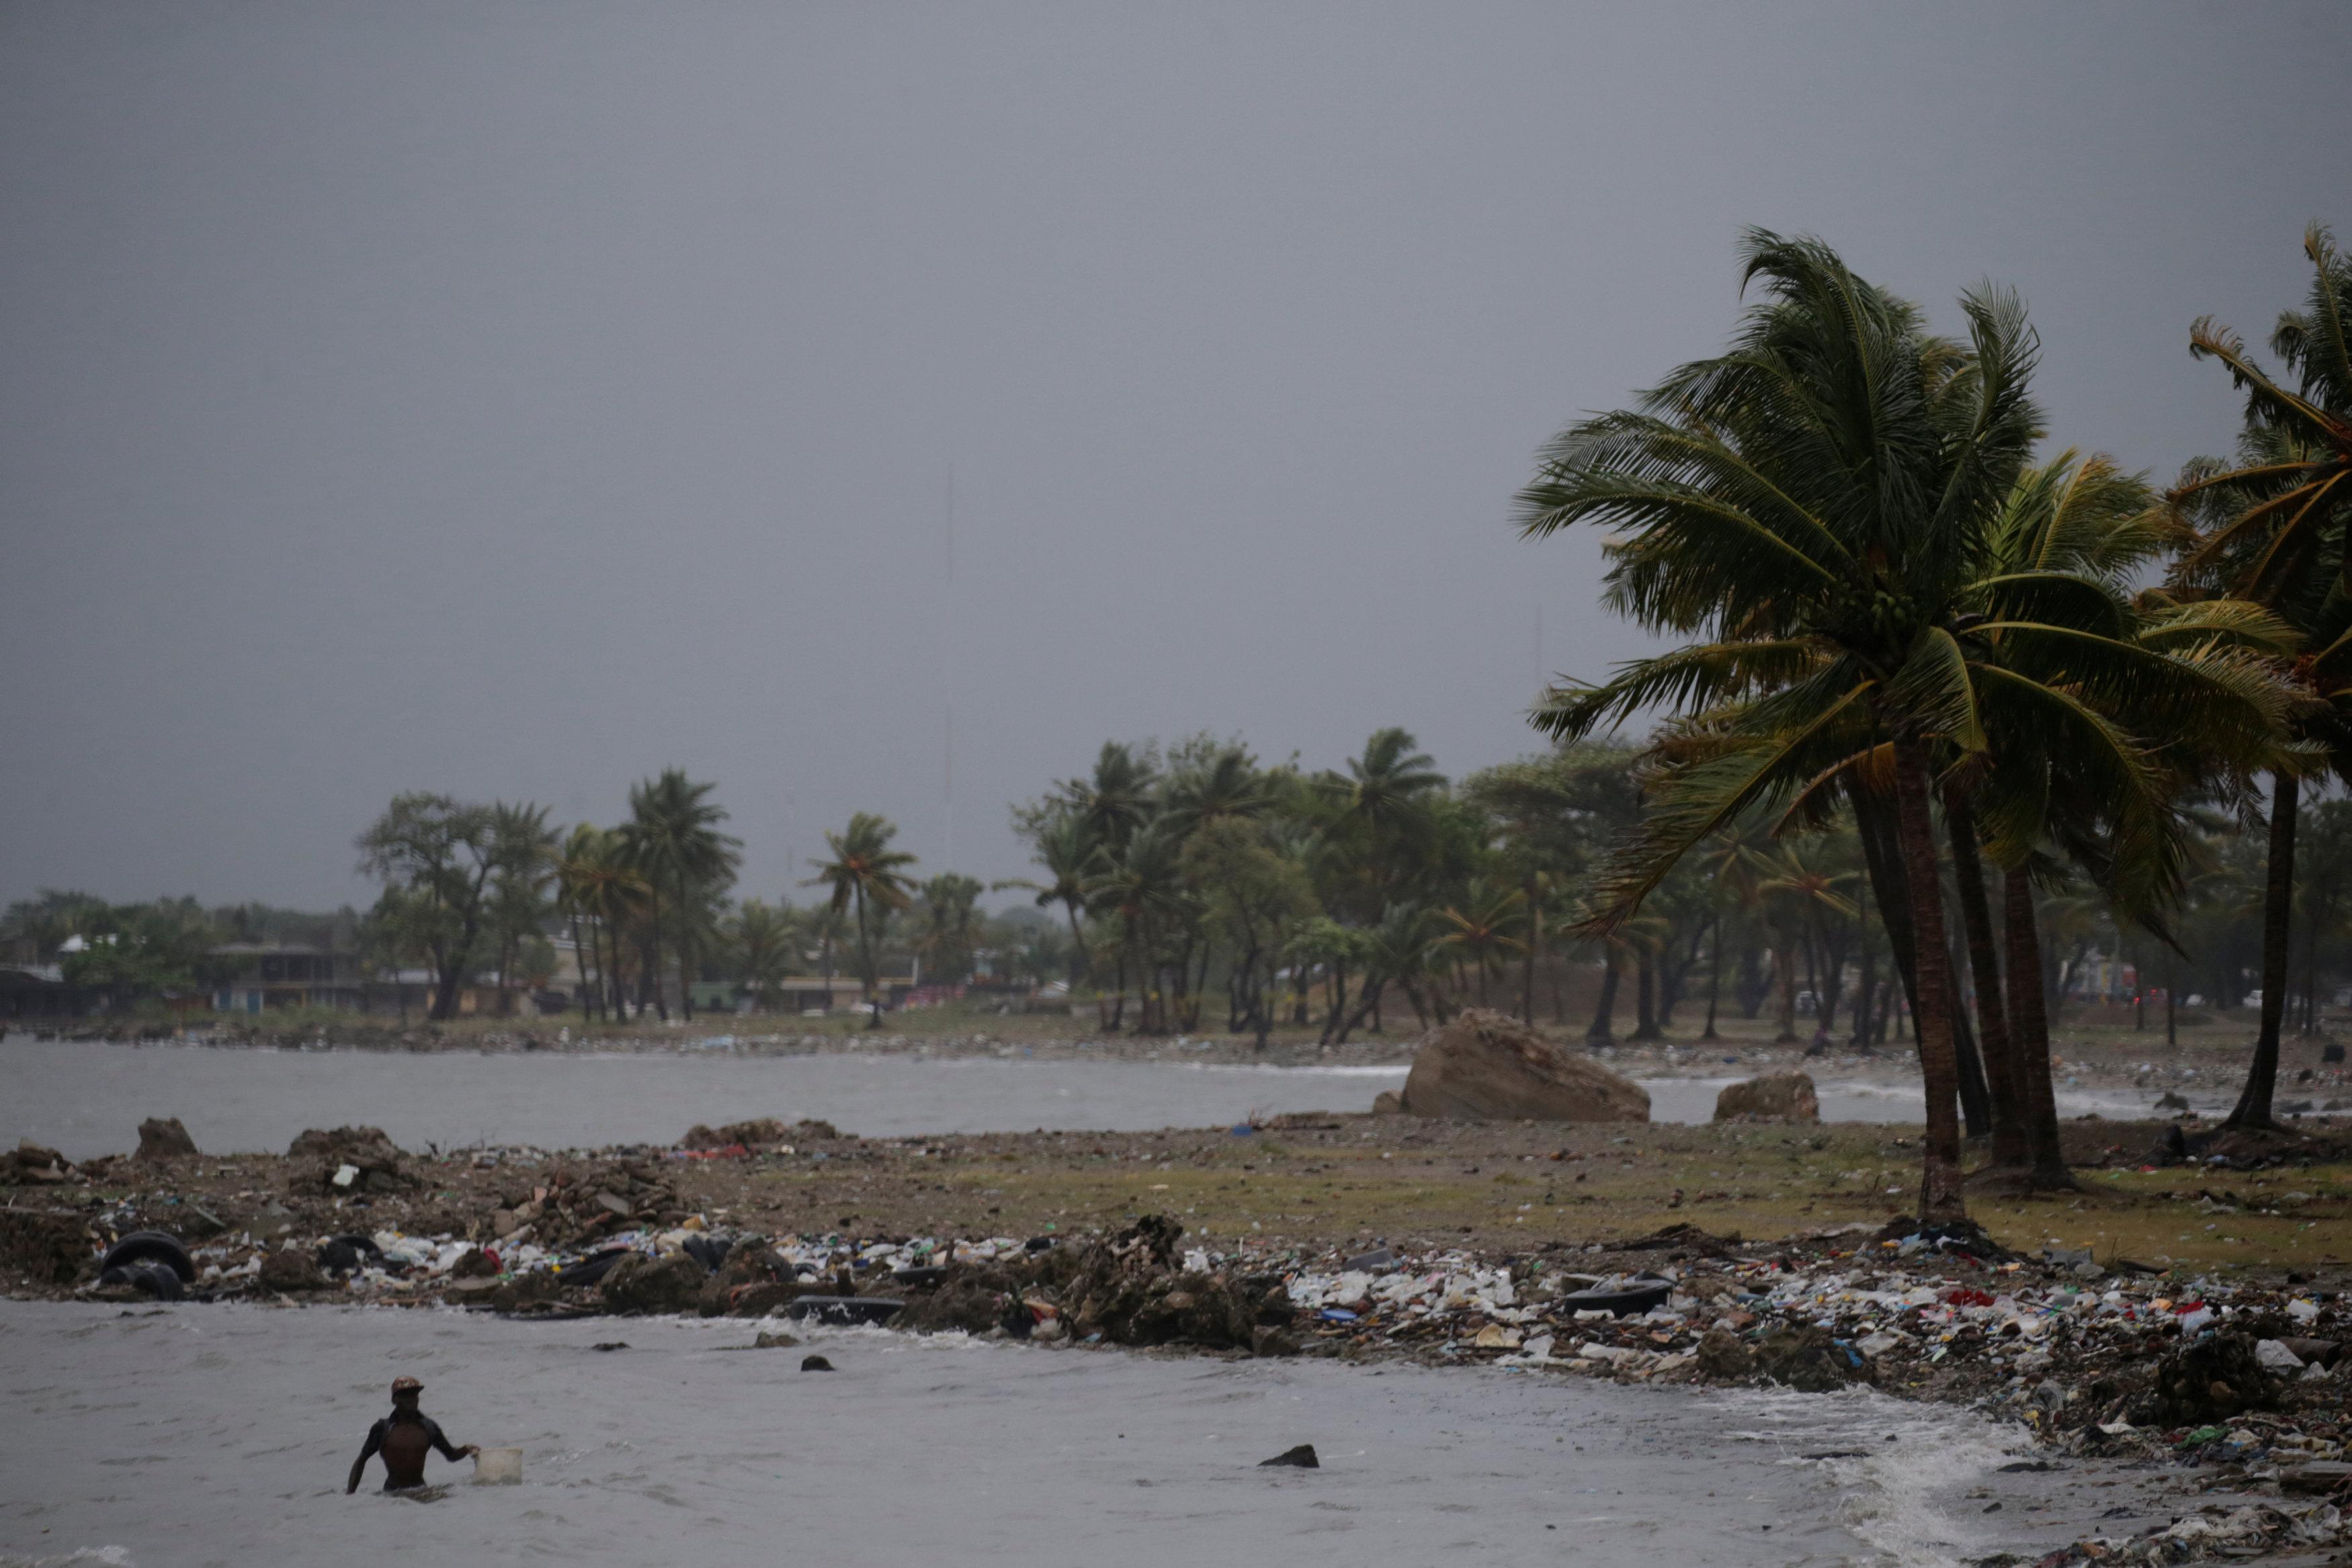 """صور توثق الدمار الذي ألحقه إعصار ايرما بـ """"الكاريبي"""""""